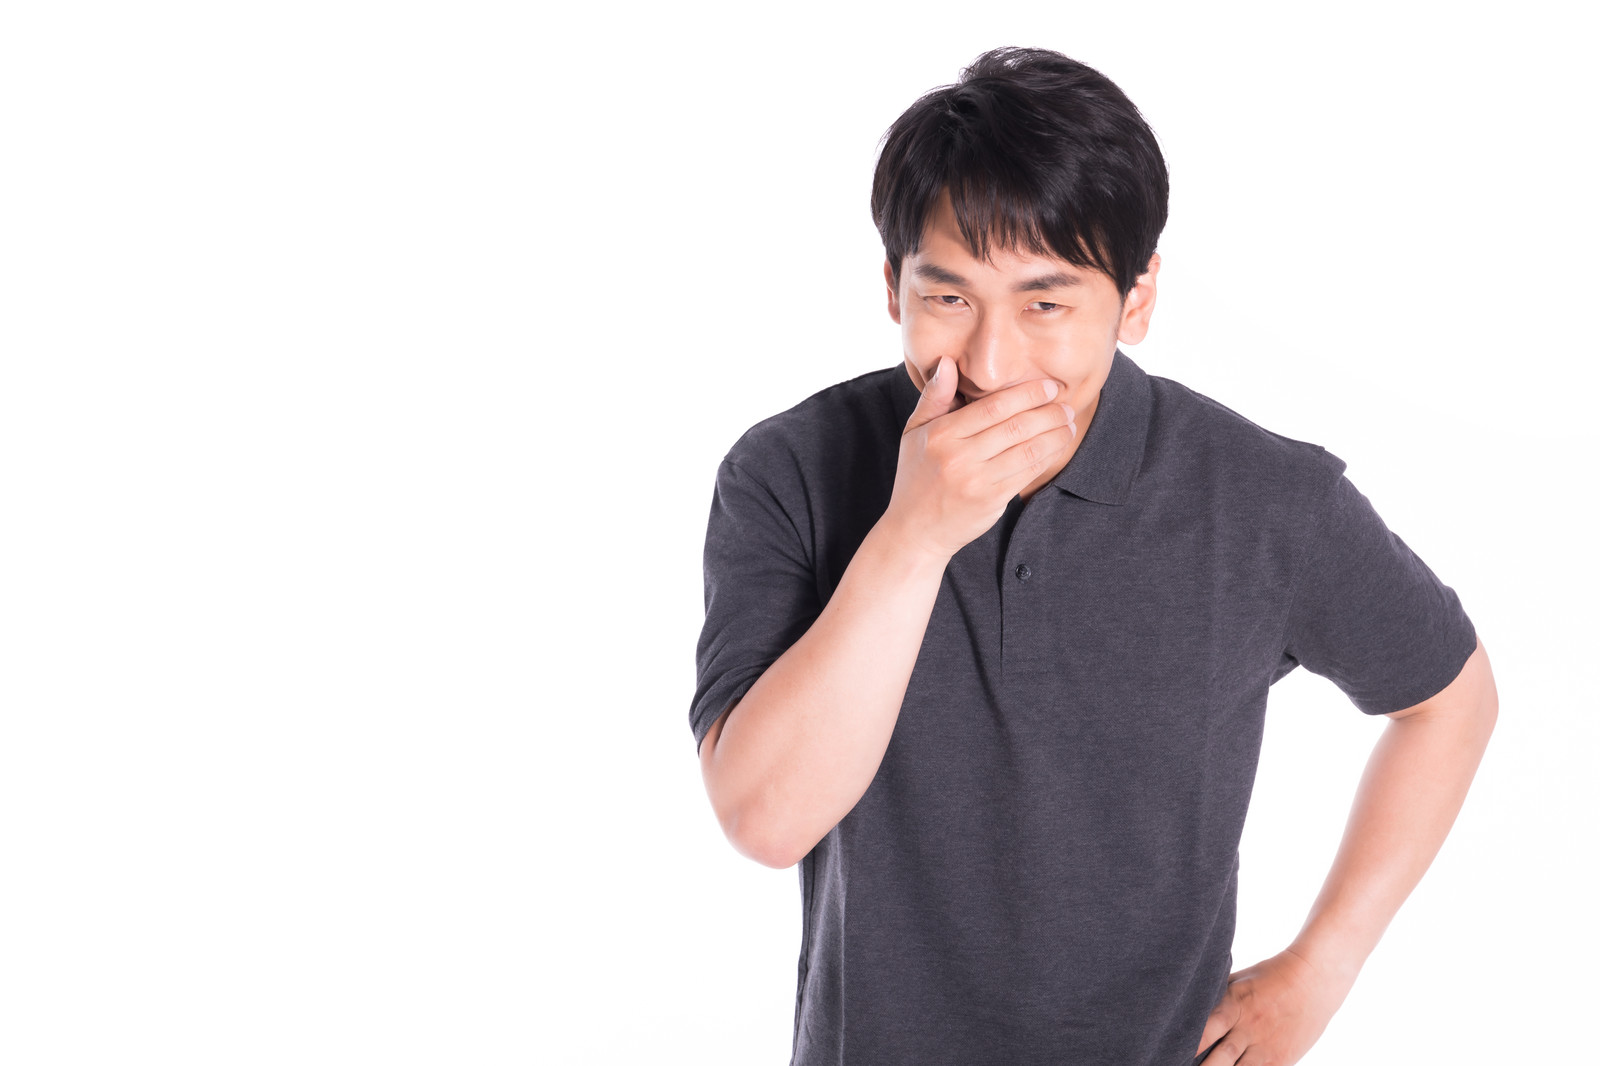 「ほくそ笑む男性」の写真[モデル:大川竜弥]